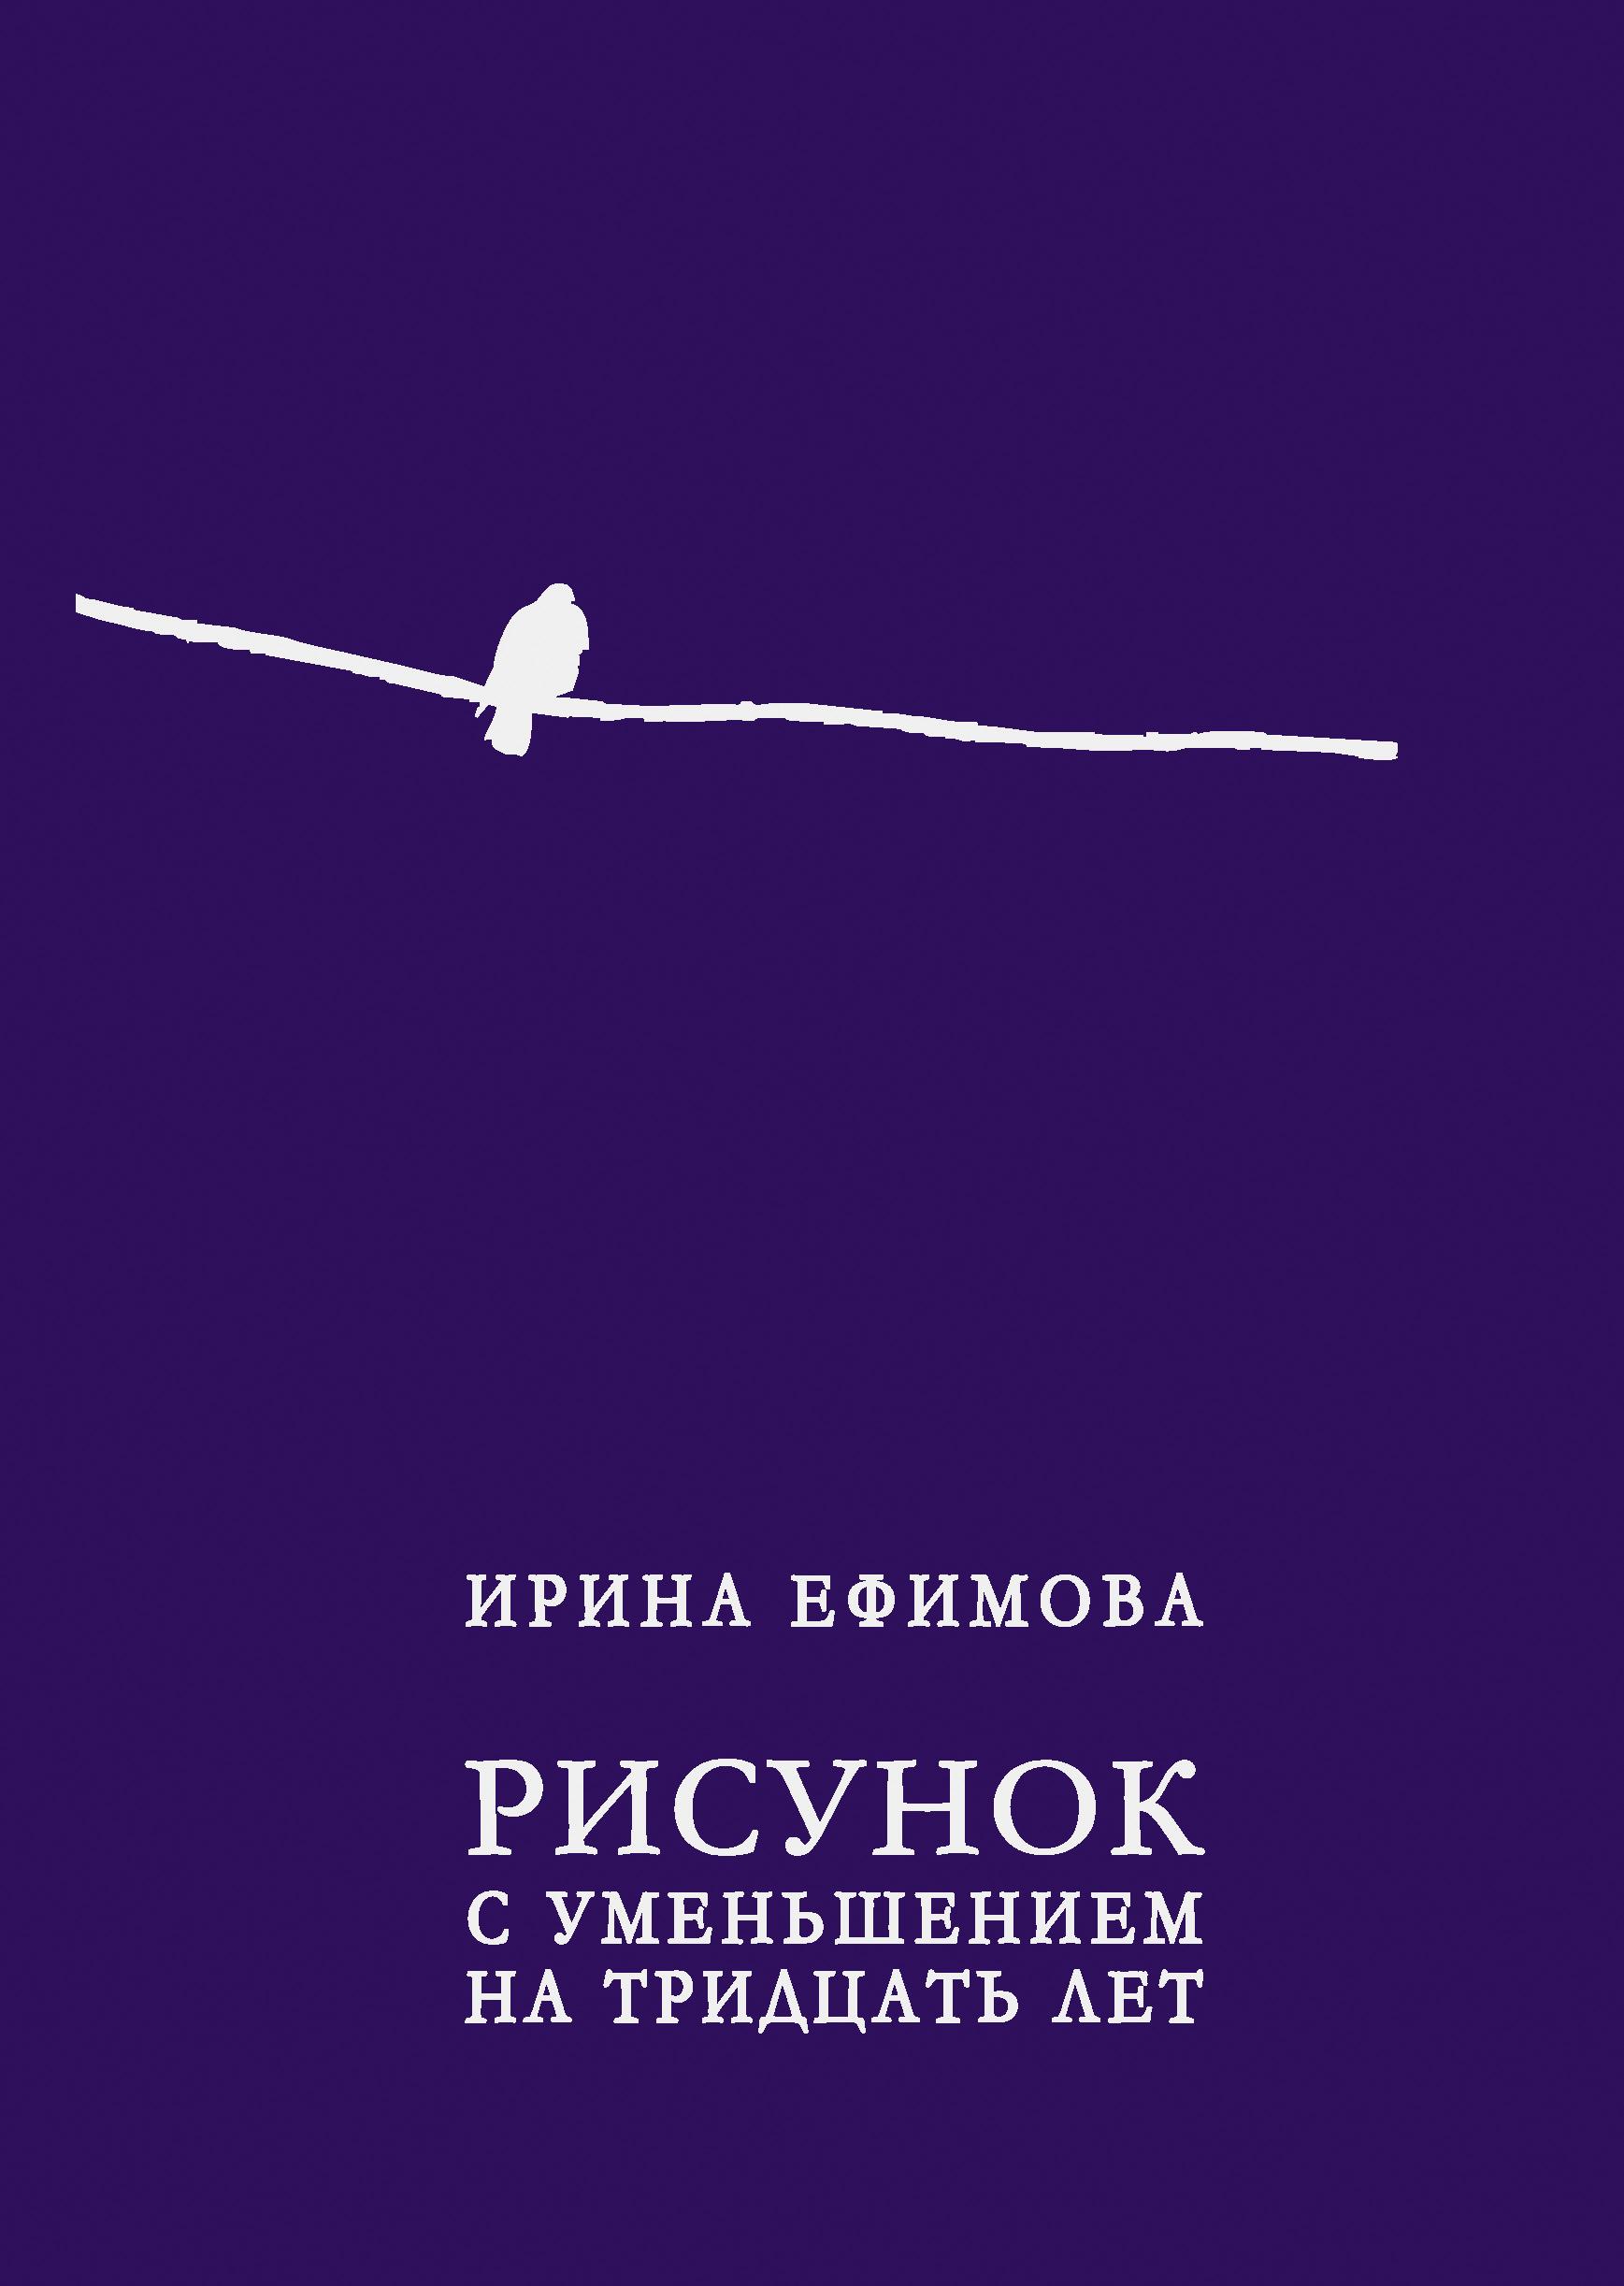 Ирина Ефимова Рисунок с уменьшением на тридцать лет (сборник) все цены